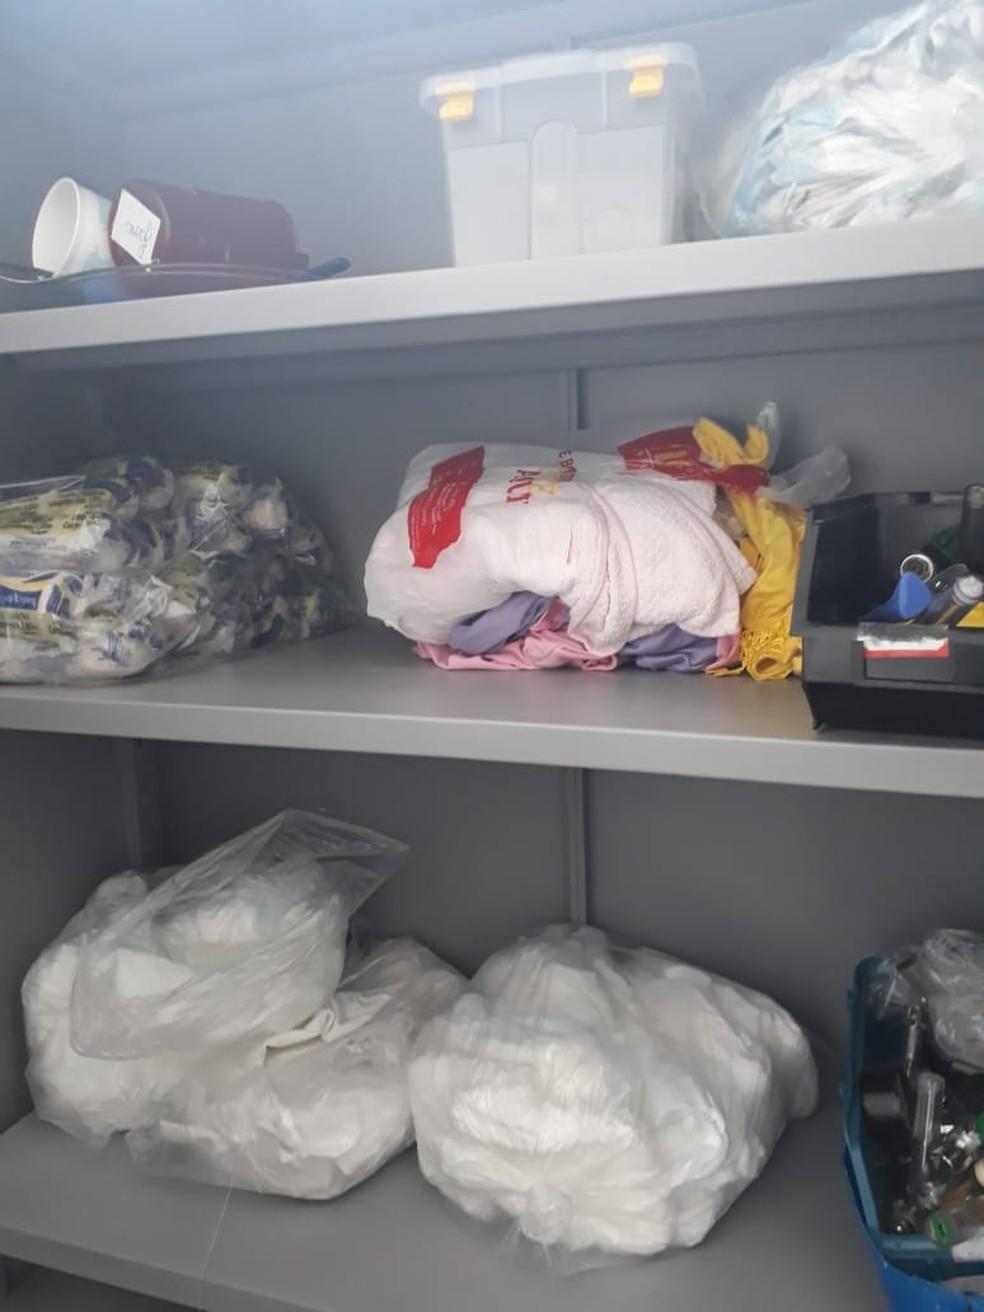 Roupas de pacientes no mesmo armário de materiais, como ataduras na UPA, em Rondonópolis — Foto: Coren/MT/Assessoria